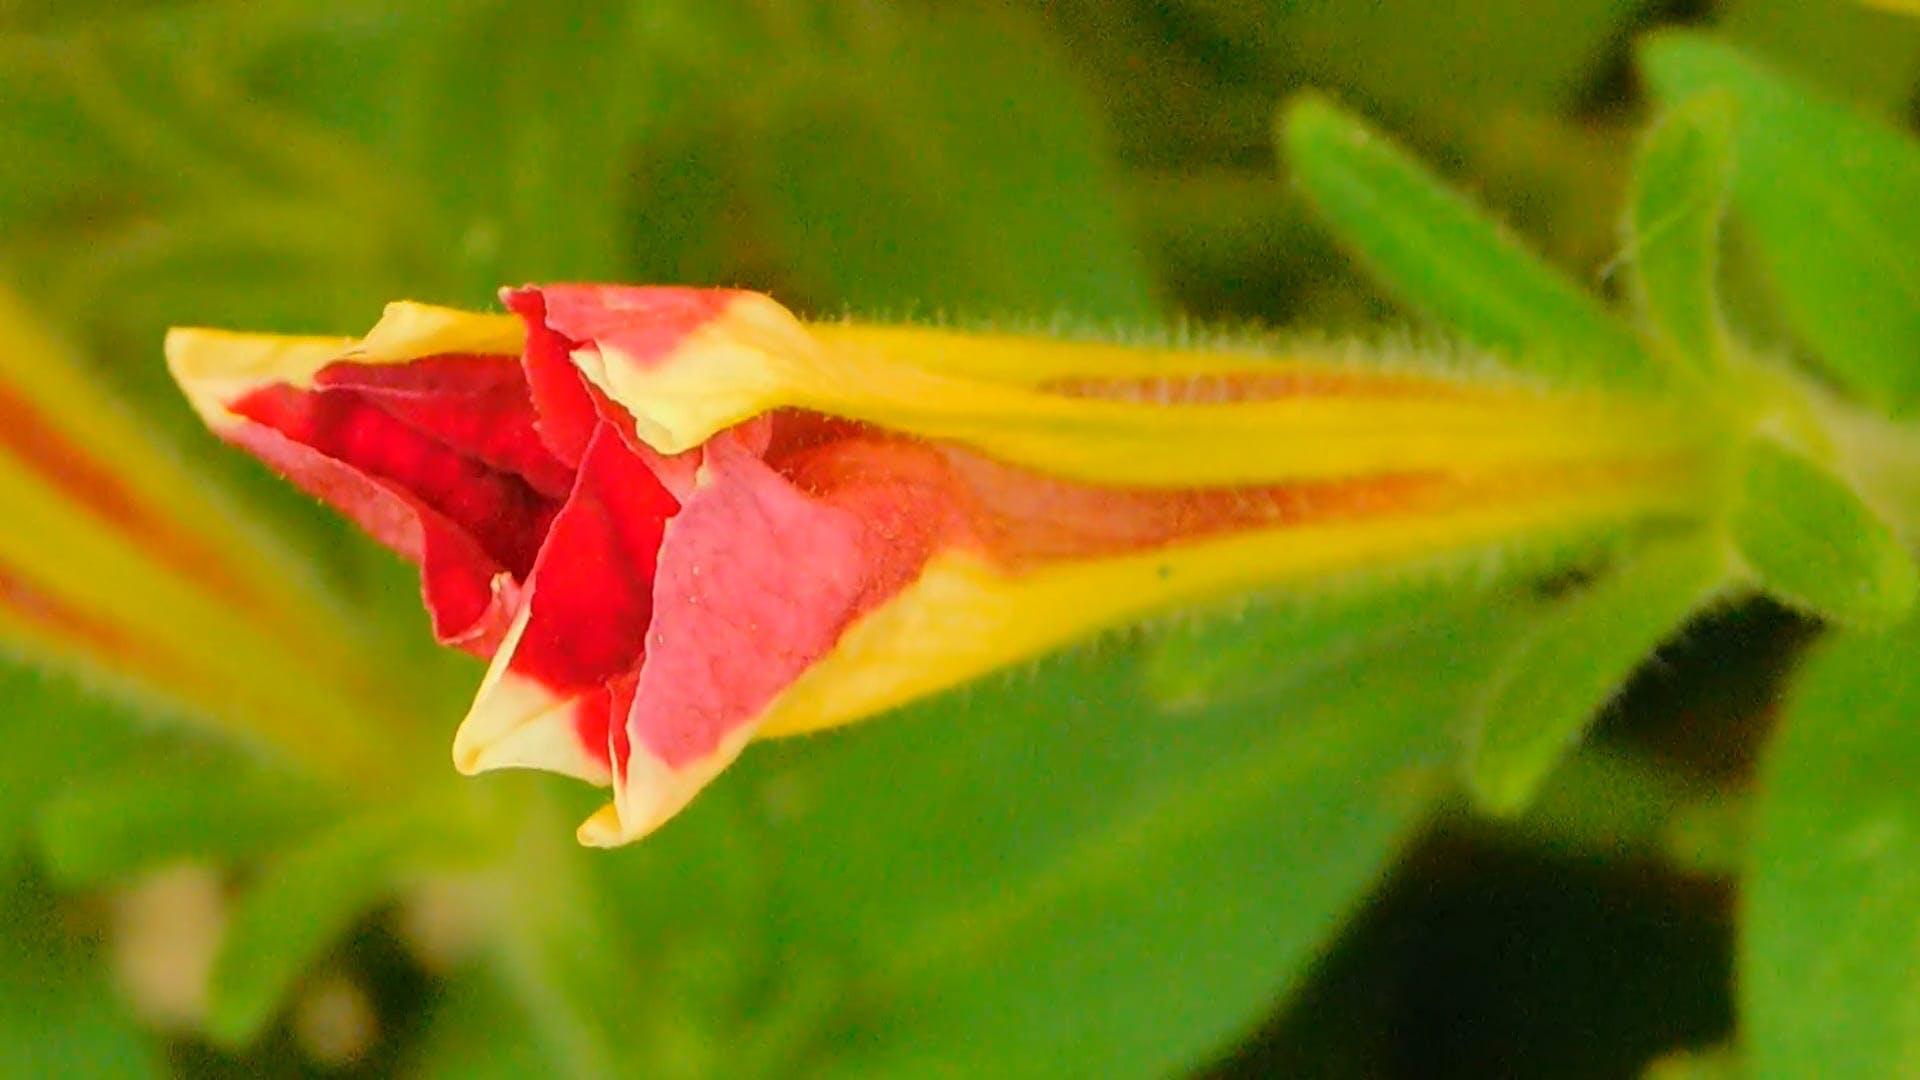 Macro Video-Flower Bud